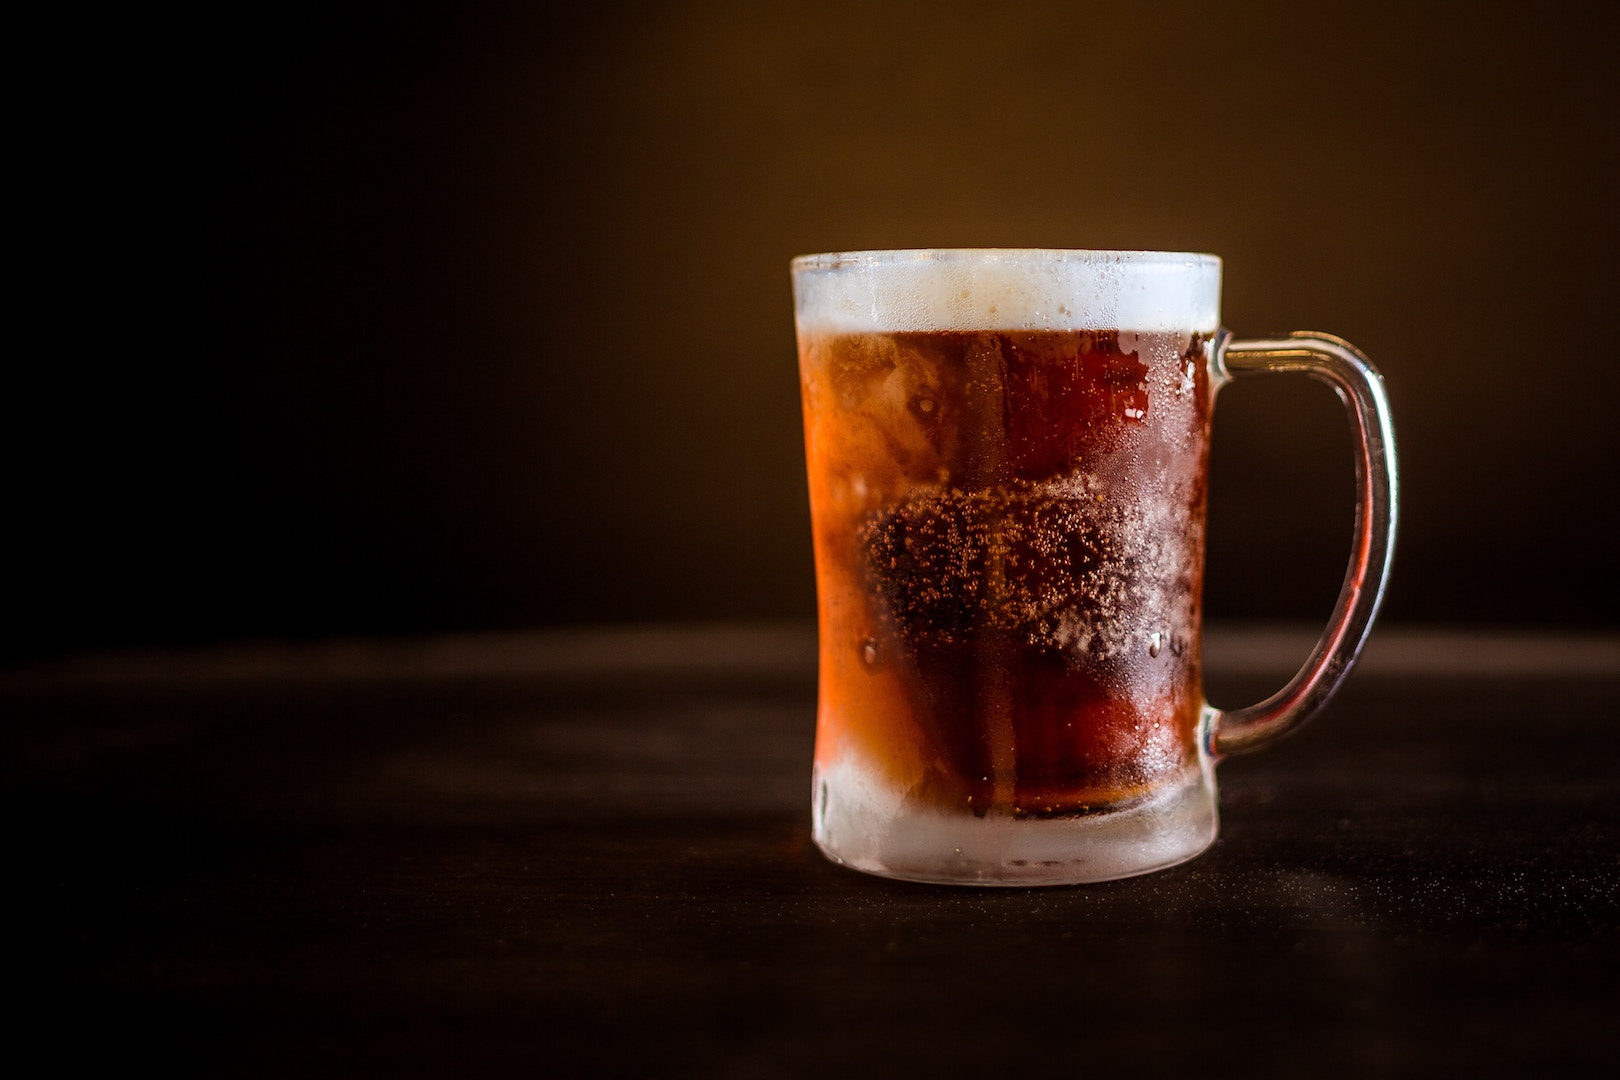 alcool &quot;width =&quot; 1620 &quot;height =&quot; 1080 &quot;/&gt;</p><p> <span style=